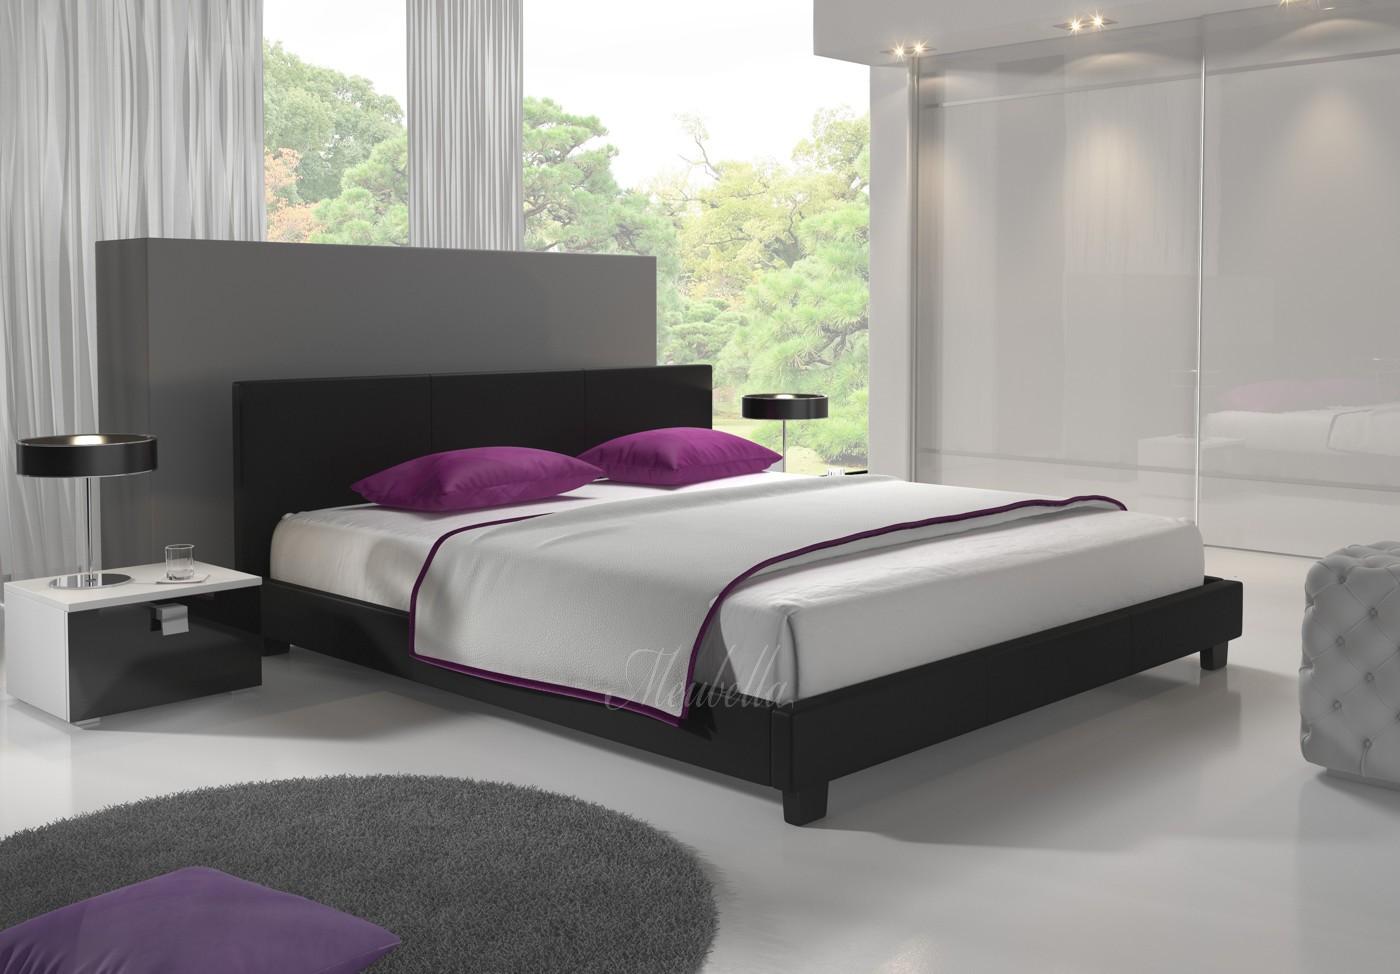 Zwart Bed 140x200.Tweepersoonsbed George Zwart 140x200 Cm Actie Meubella